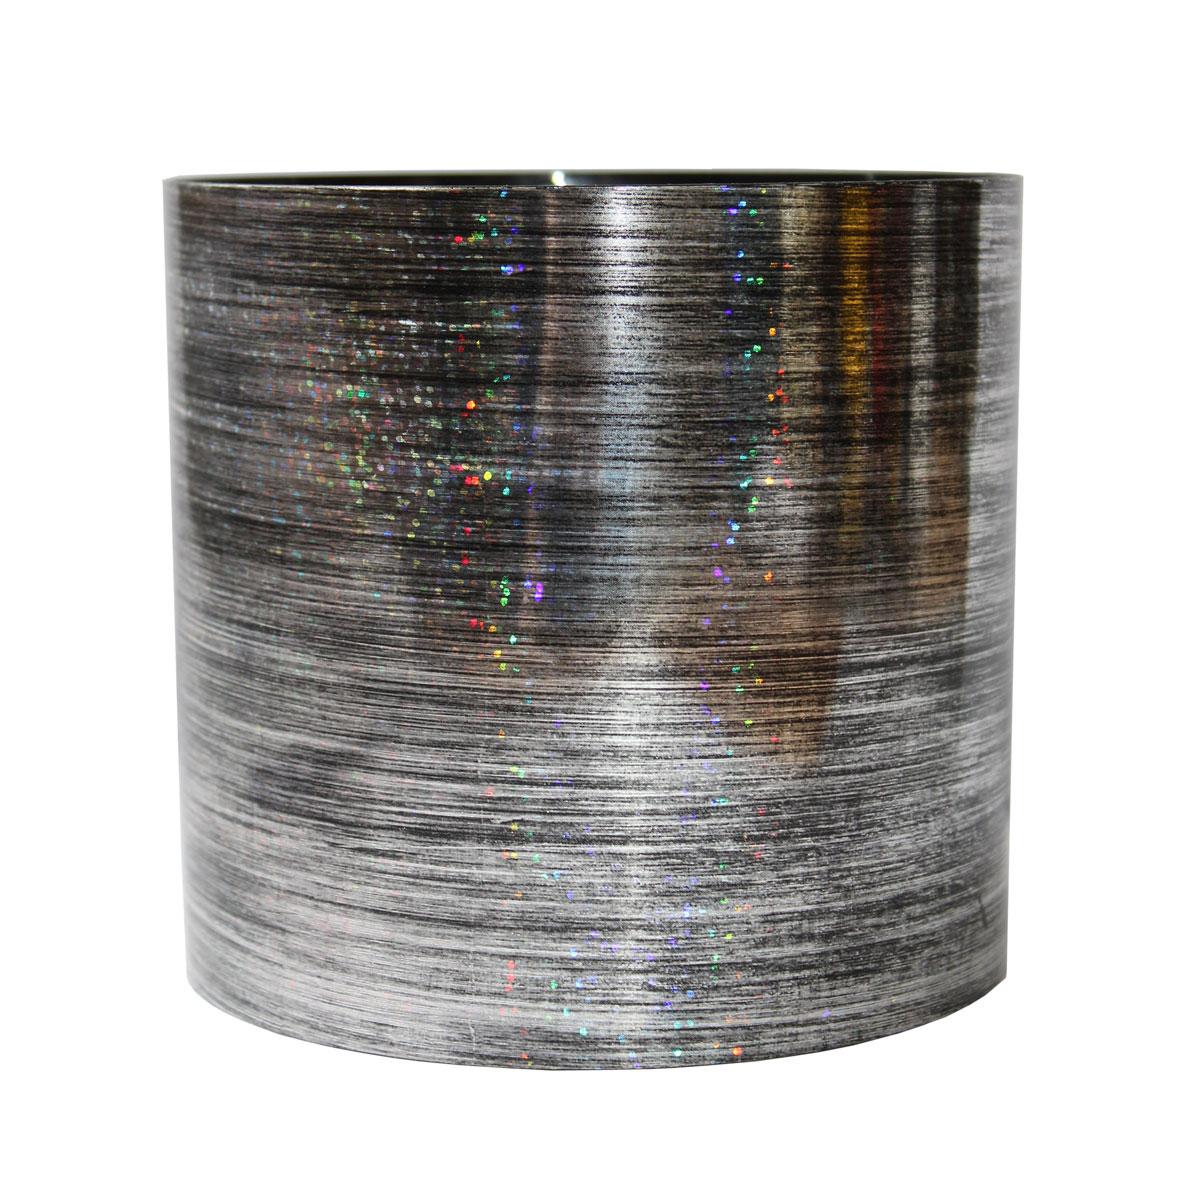 Горшок для цветов Miolla Серебро, со скрытым поддоном, 2,8 лSMG-45Горшок для цветов Miolla Серебро со скрытым поддоном выполнен из пластика.Диаметр горшка: 16,5 см.Высота горшка (с учетом поддона): 16 см.Объем горшка: 2,8 л.